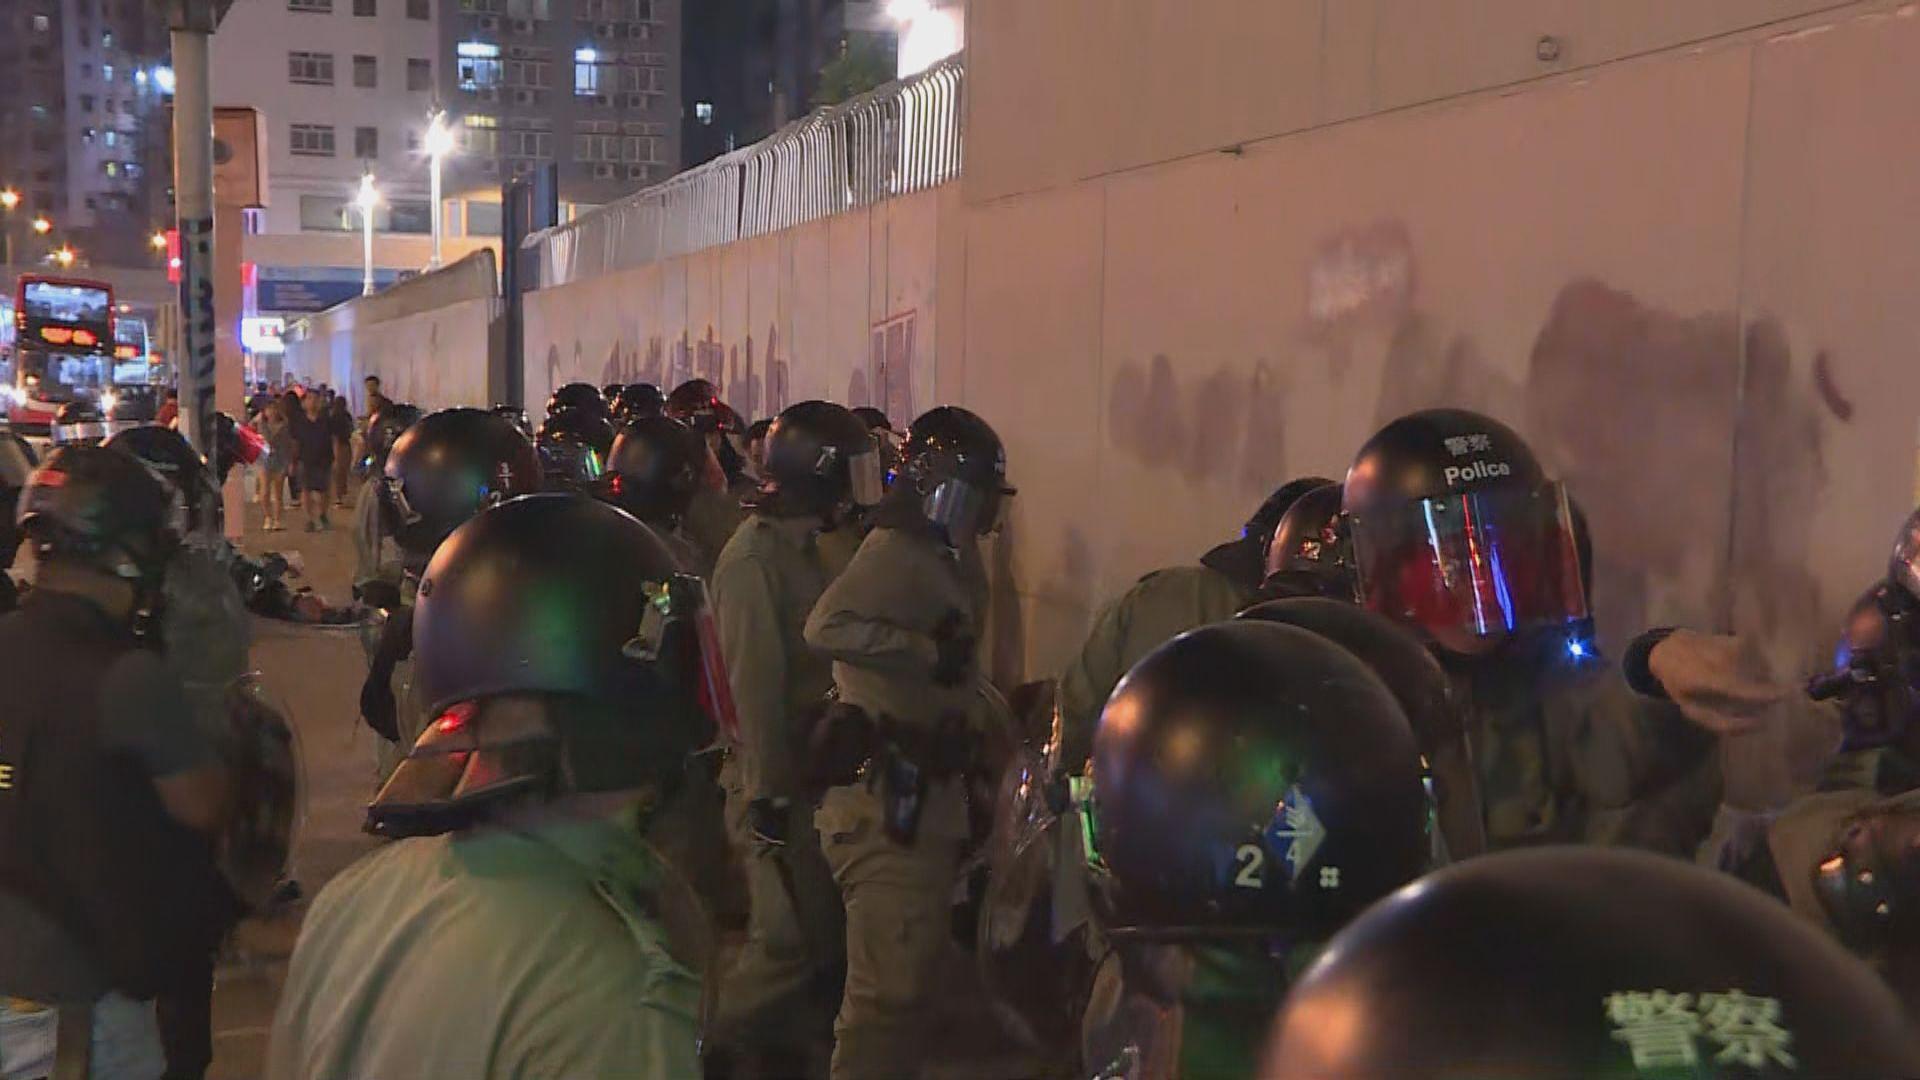 旺角警署外晚上數十人聚集 防暴警察驅散